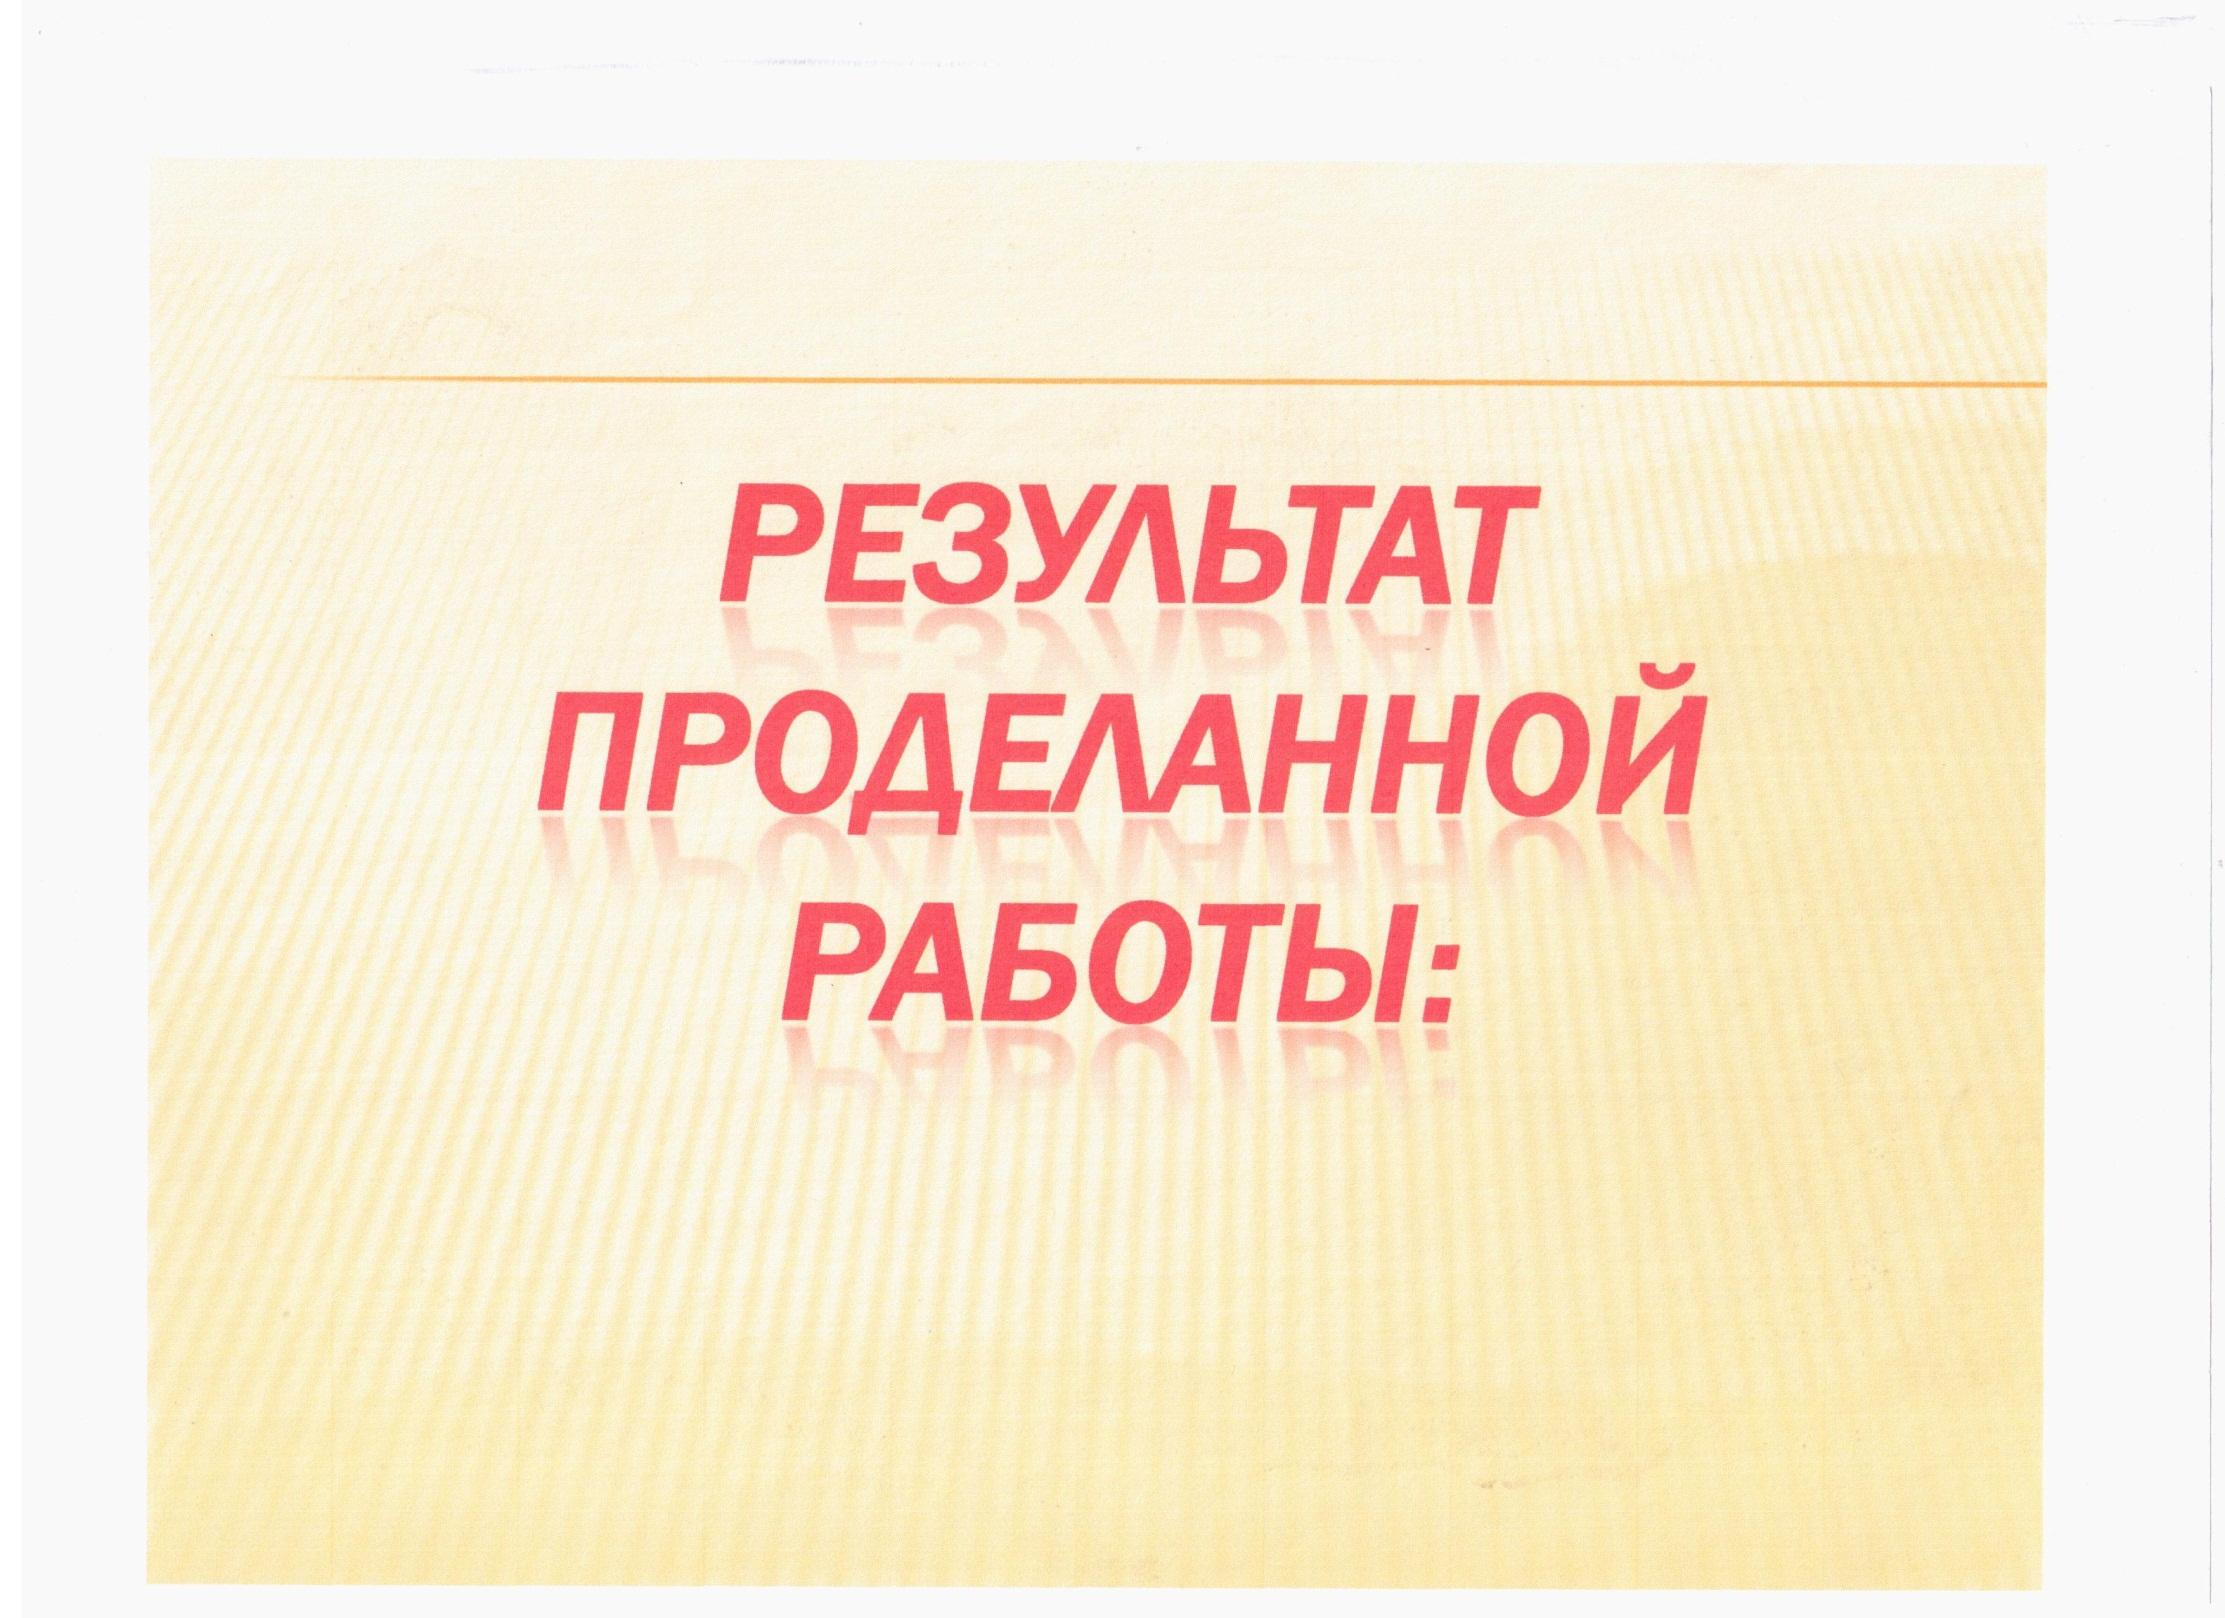 C:\Users\Администратор\Documents\аттестация\доклад мир танца\а8.jpeg